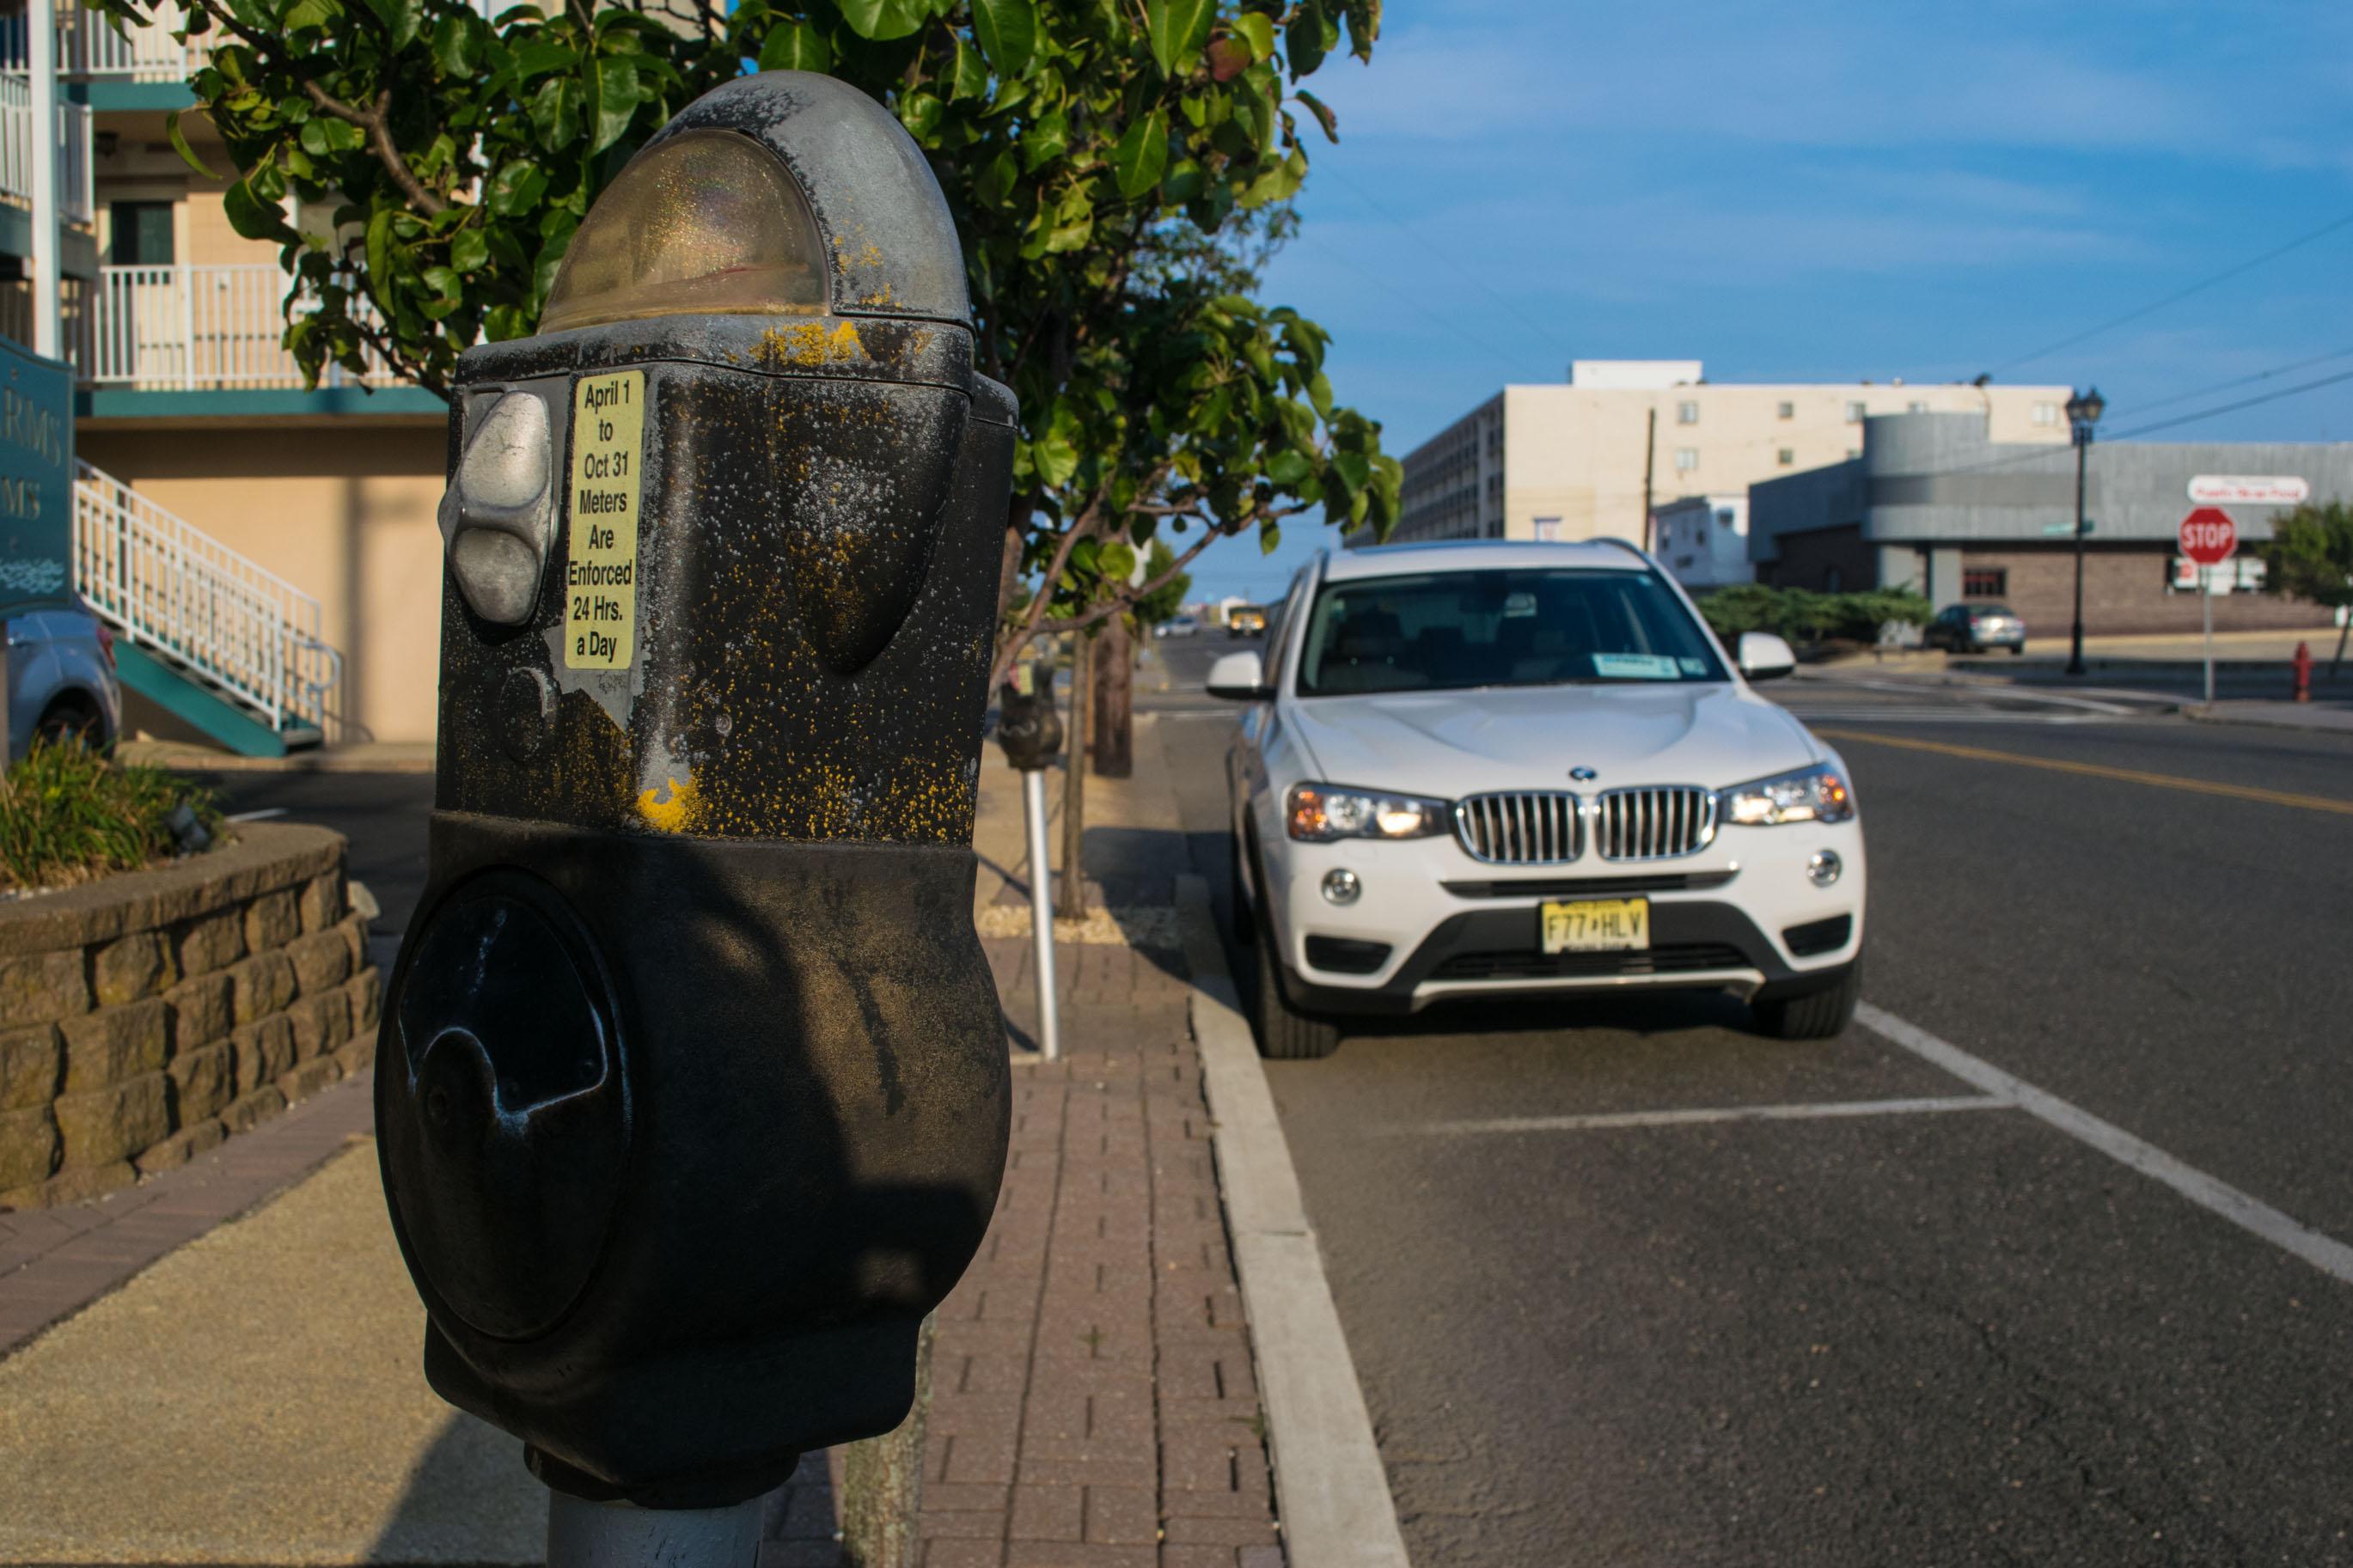 A mechanical parking meter in Seaside Heights, N.J. (Photo: Daniel Nee)